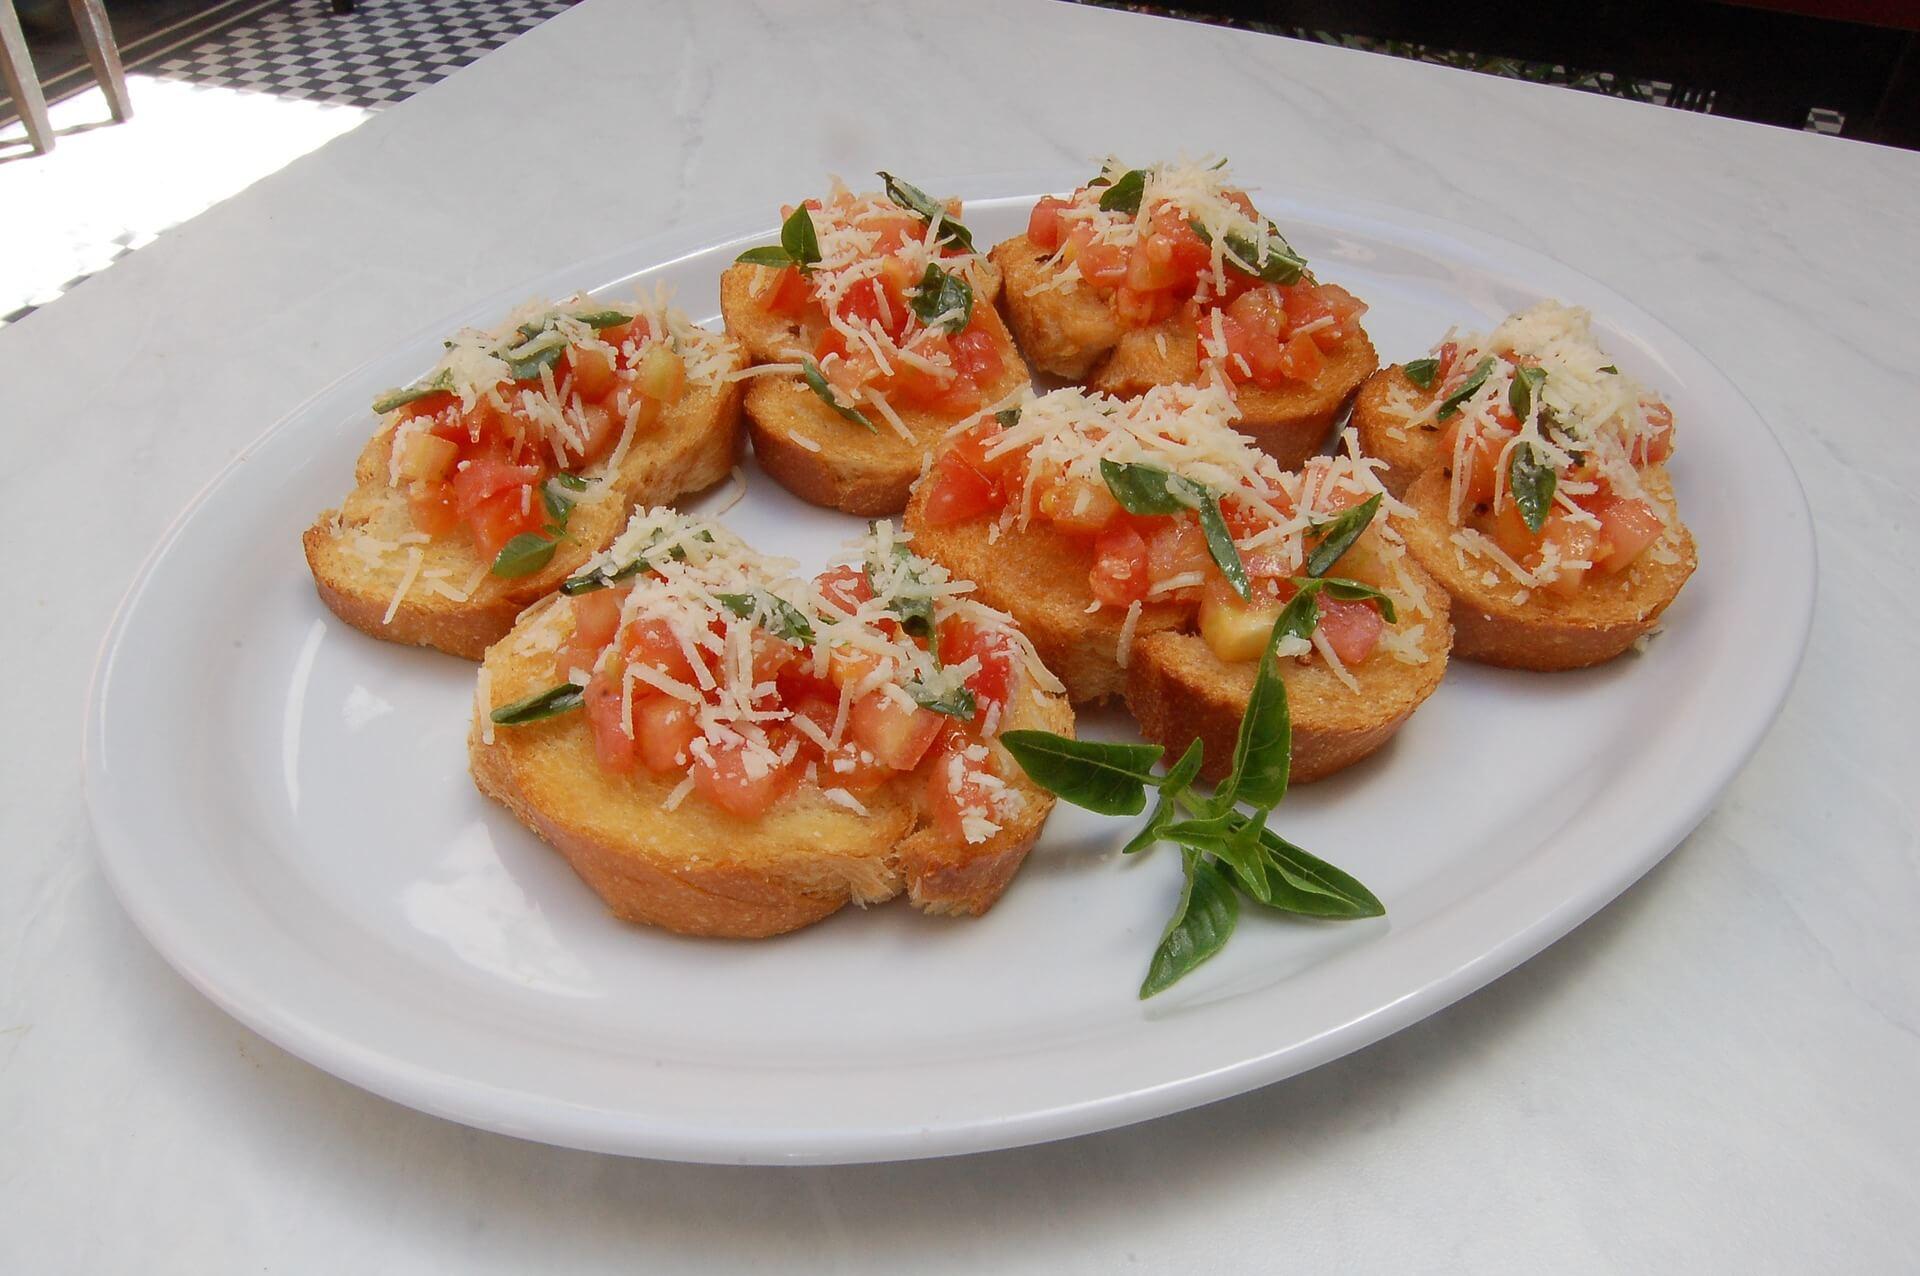 Toast : Pa amb tomaquet, tartine de pain.